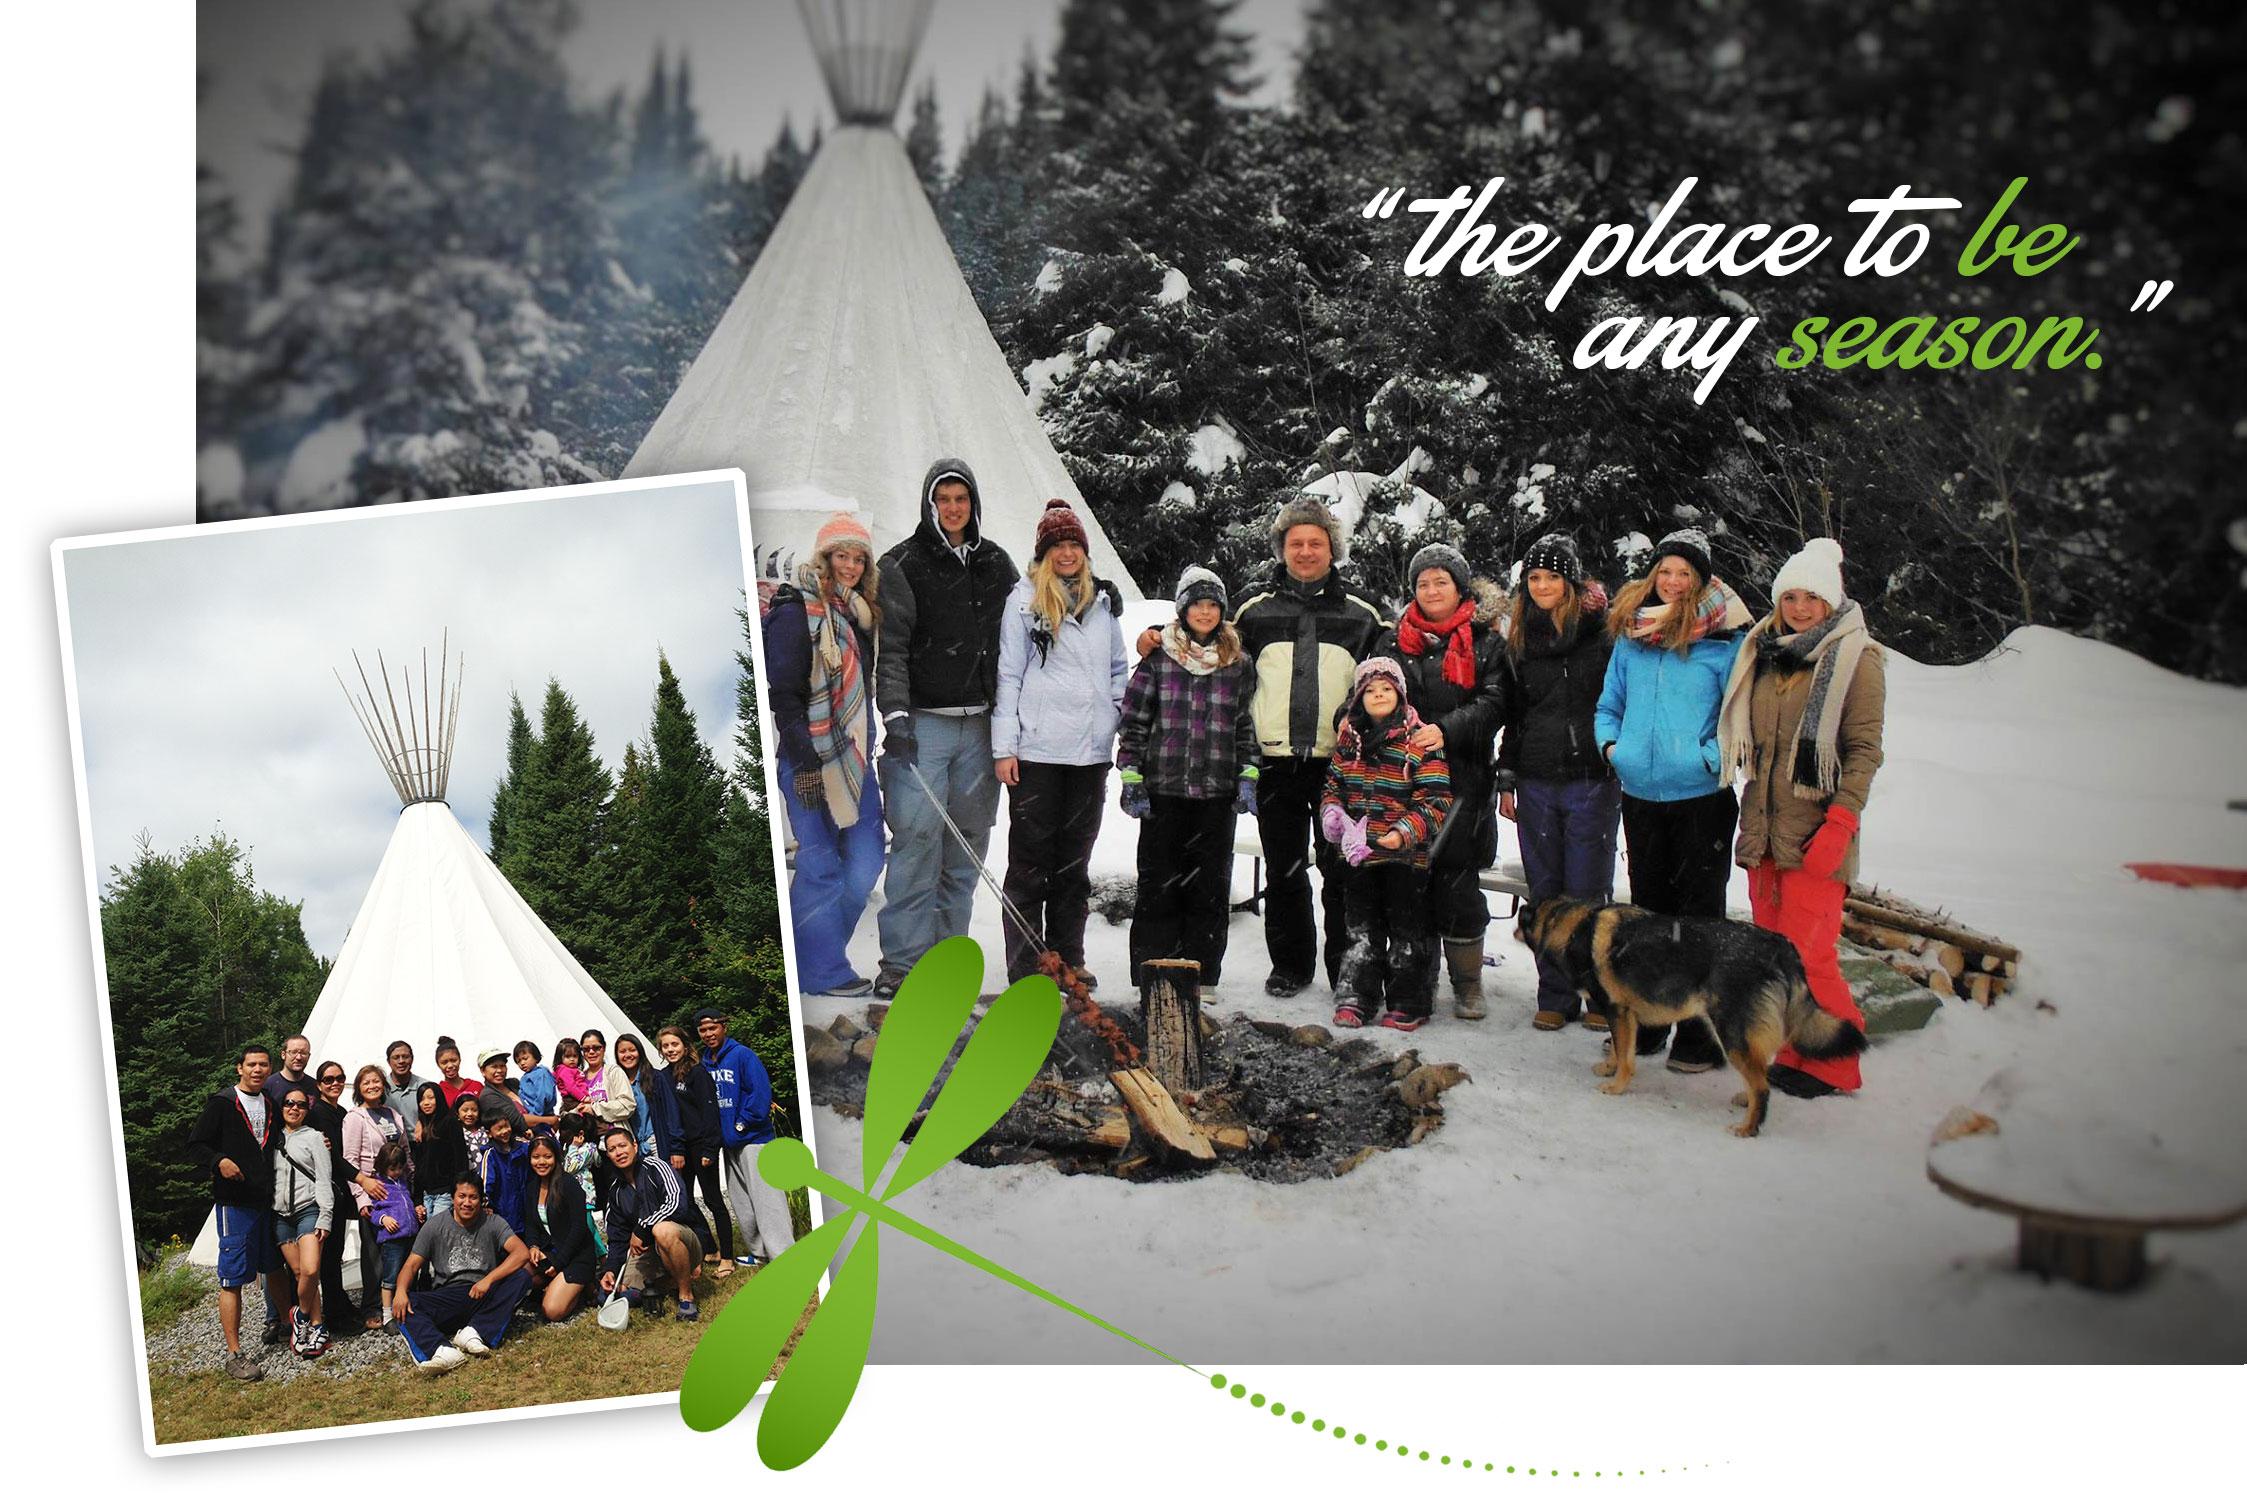 tipi-adventures-winter-muskoka-anyseason